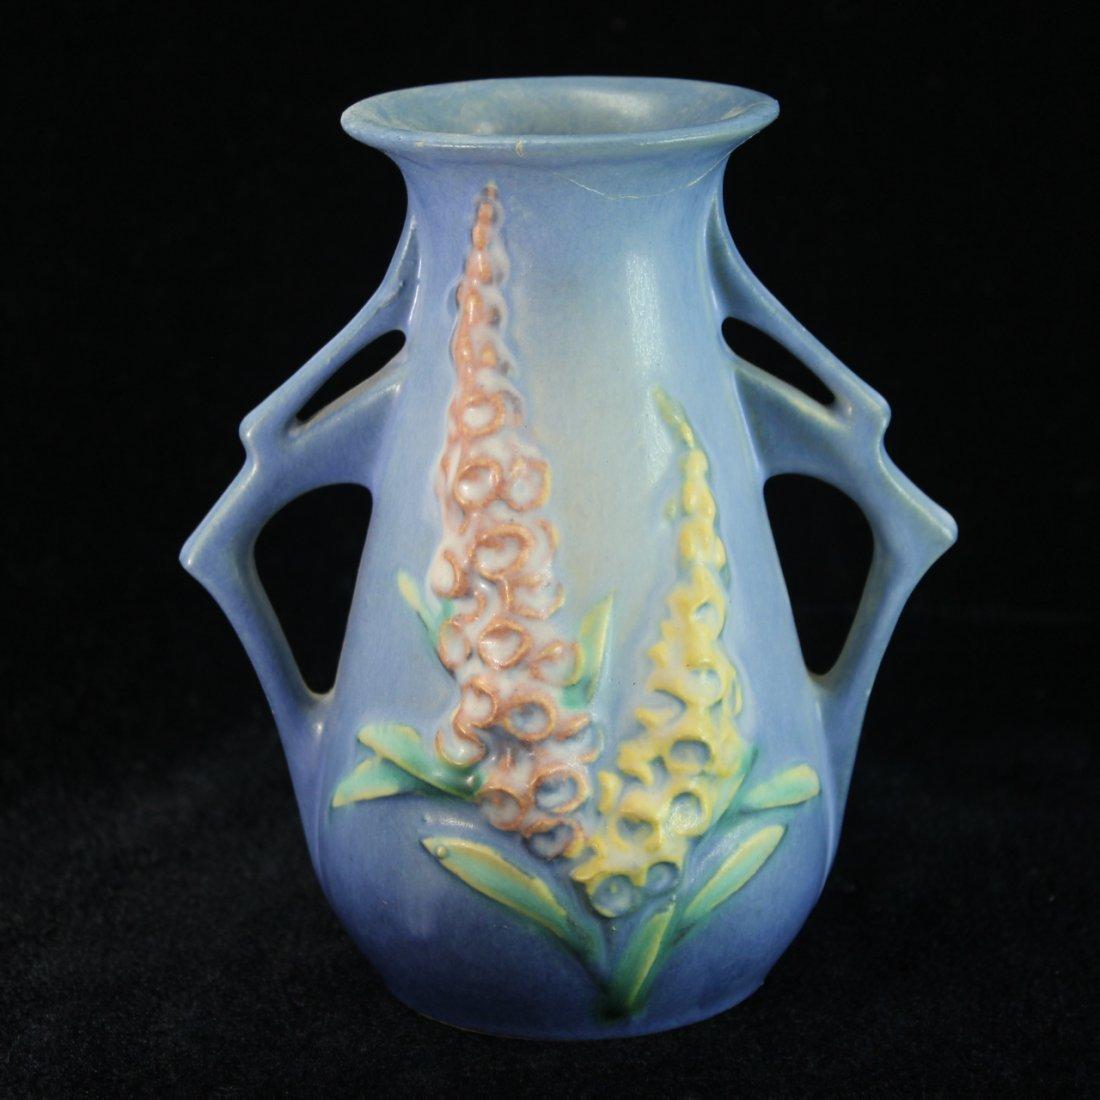 C. 1942 Roseville Foxglove Handled Vase #44-6